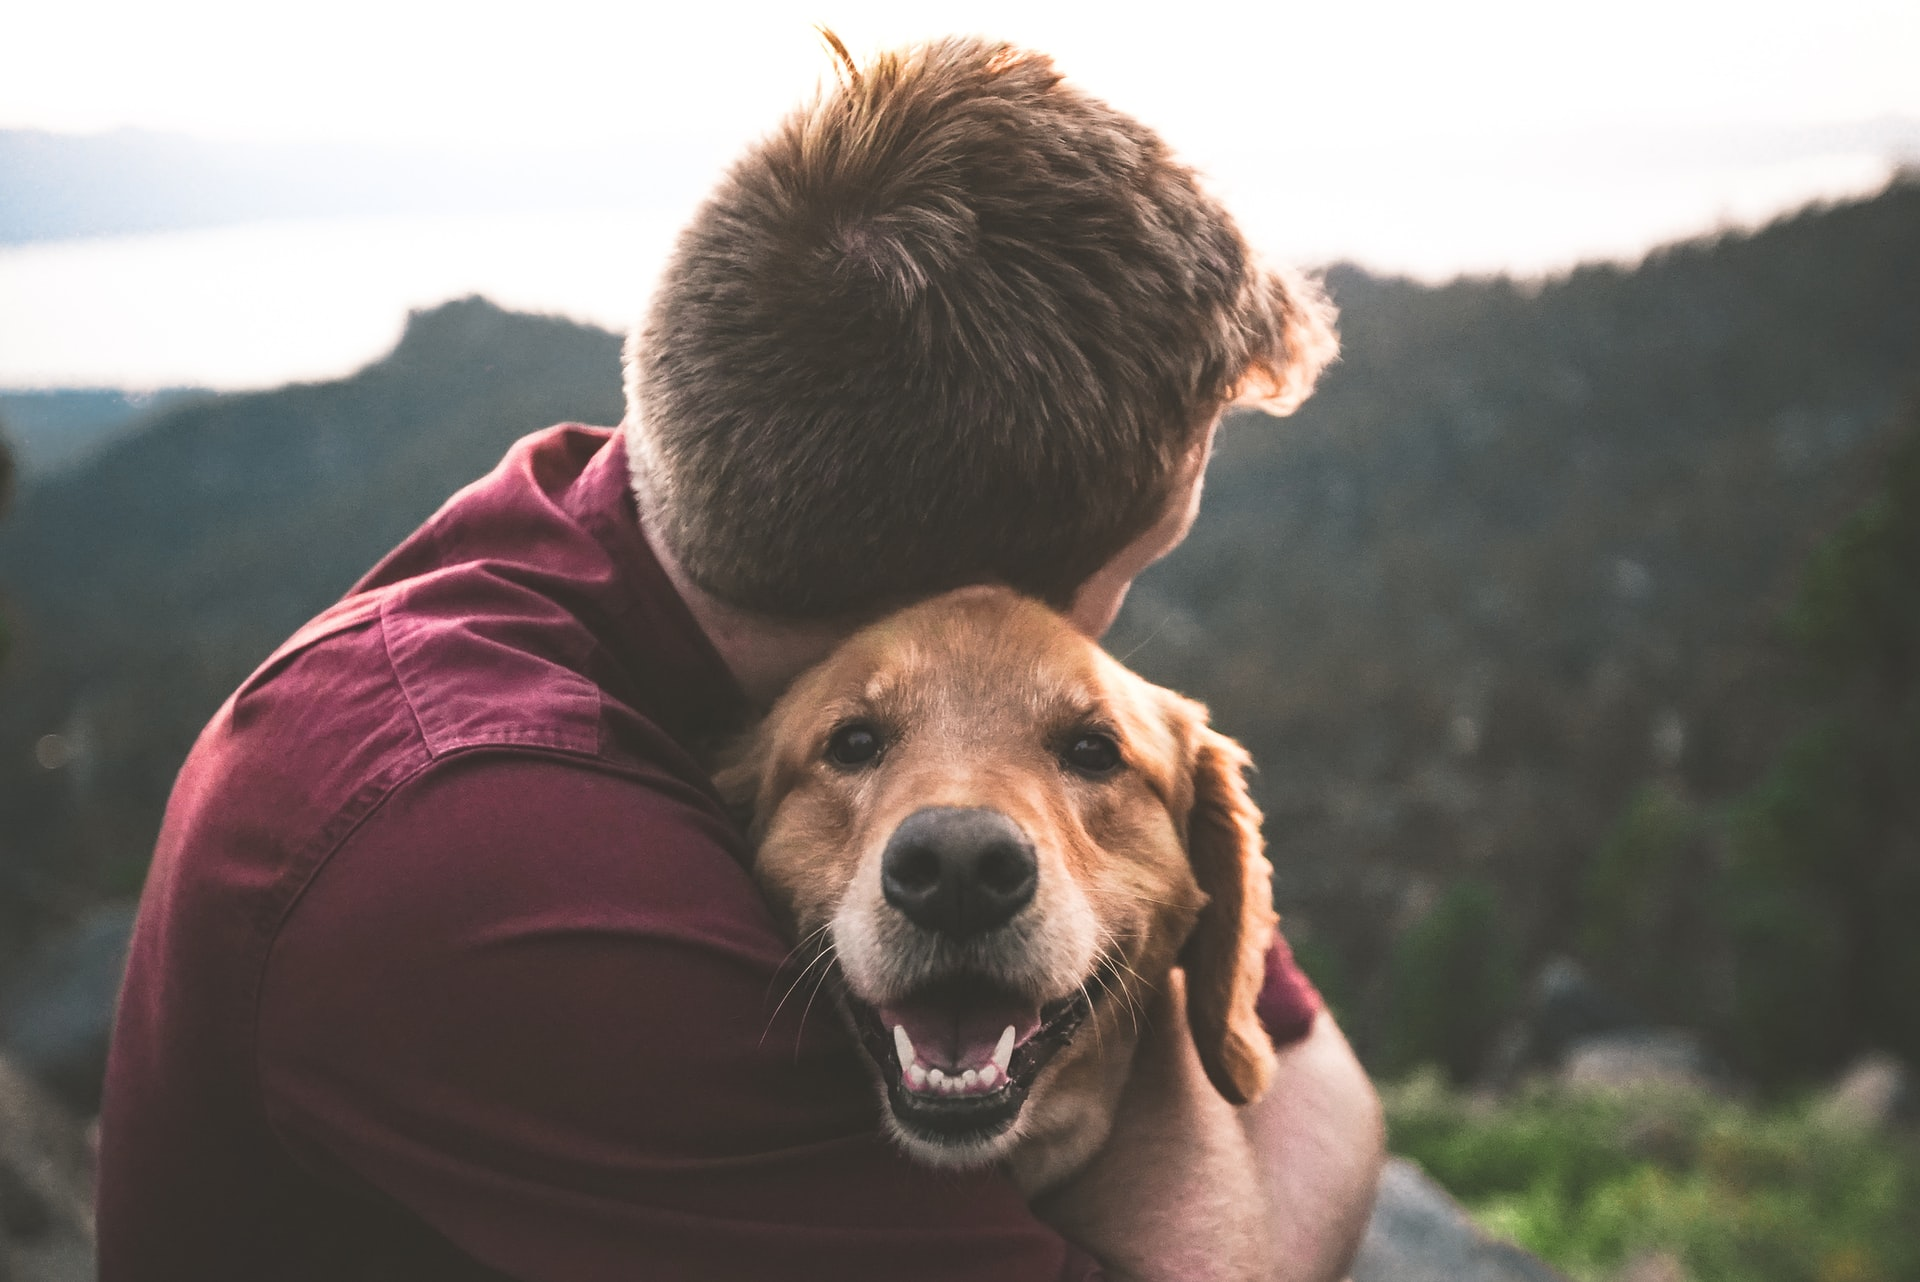 perros-pueden-detectar-malas-personas-amigos-perrito-12-de-junio-2020